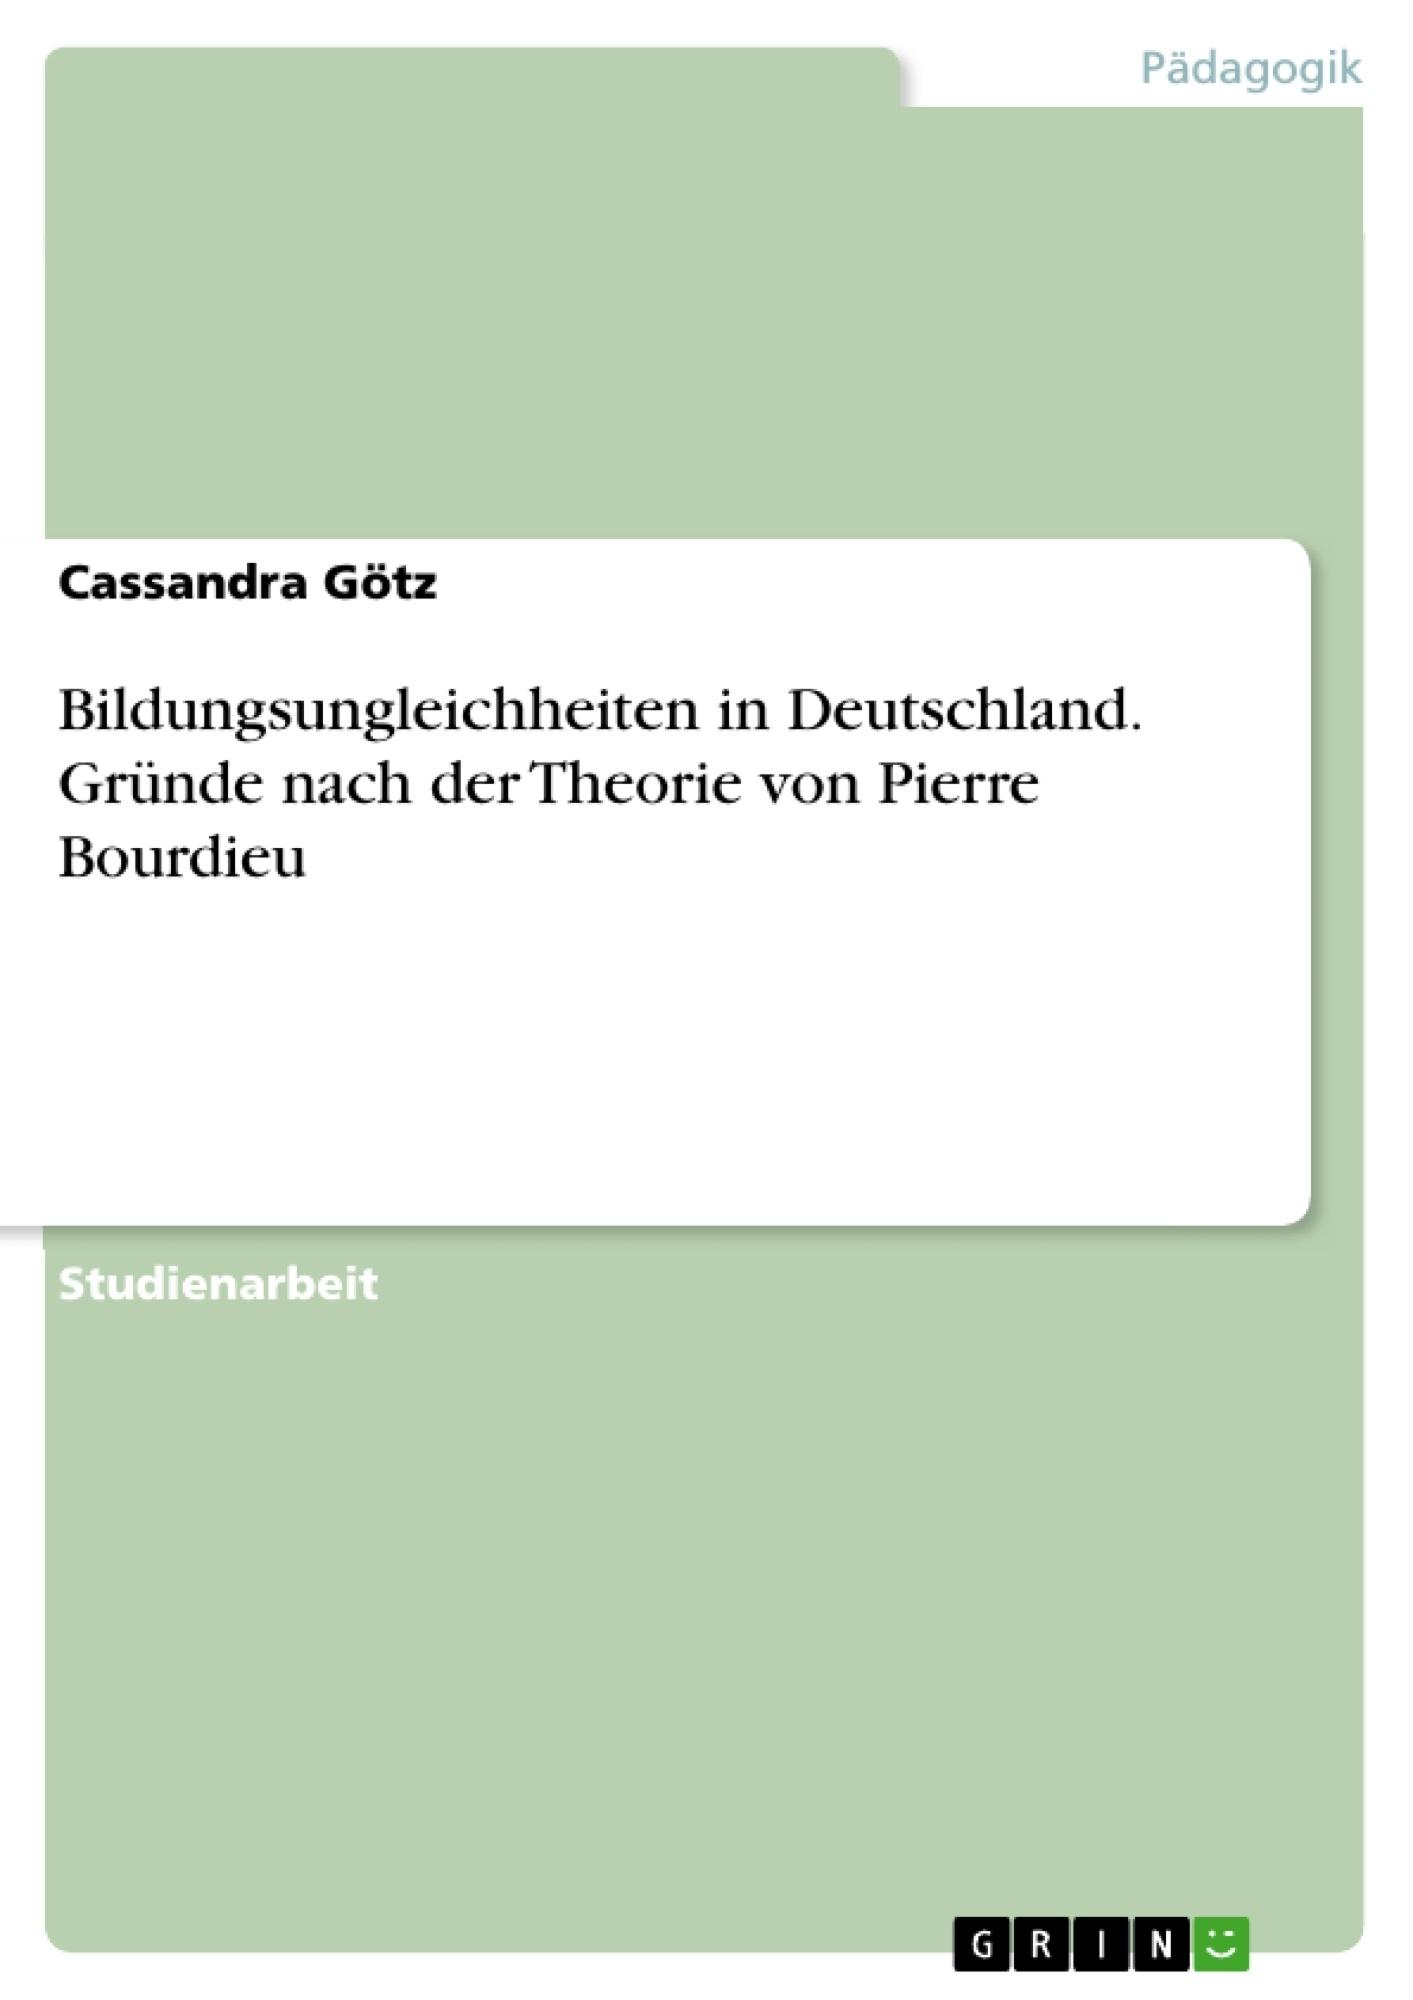 Titel: Bildungsungleichheiten in Deutschland. Gründe nach der Theorie von Pierre Bourdieu